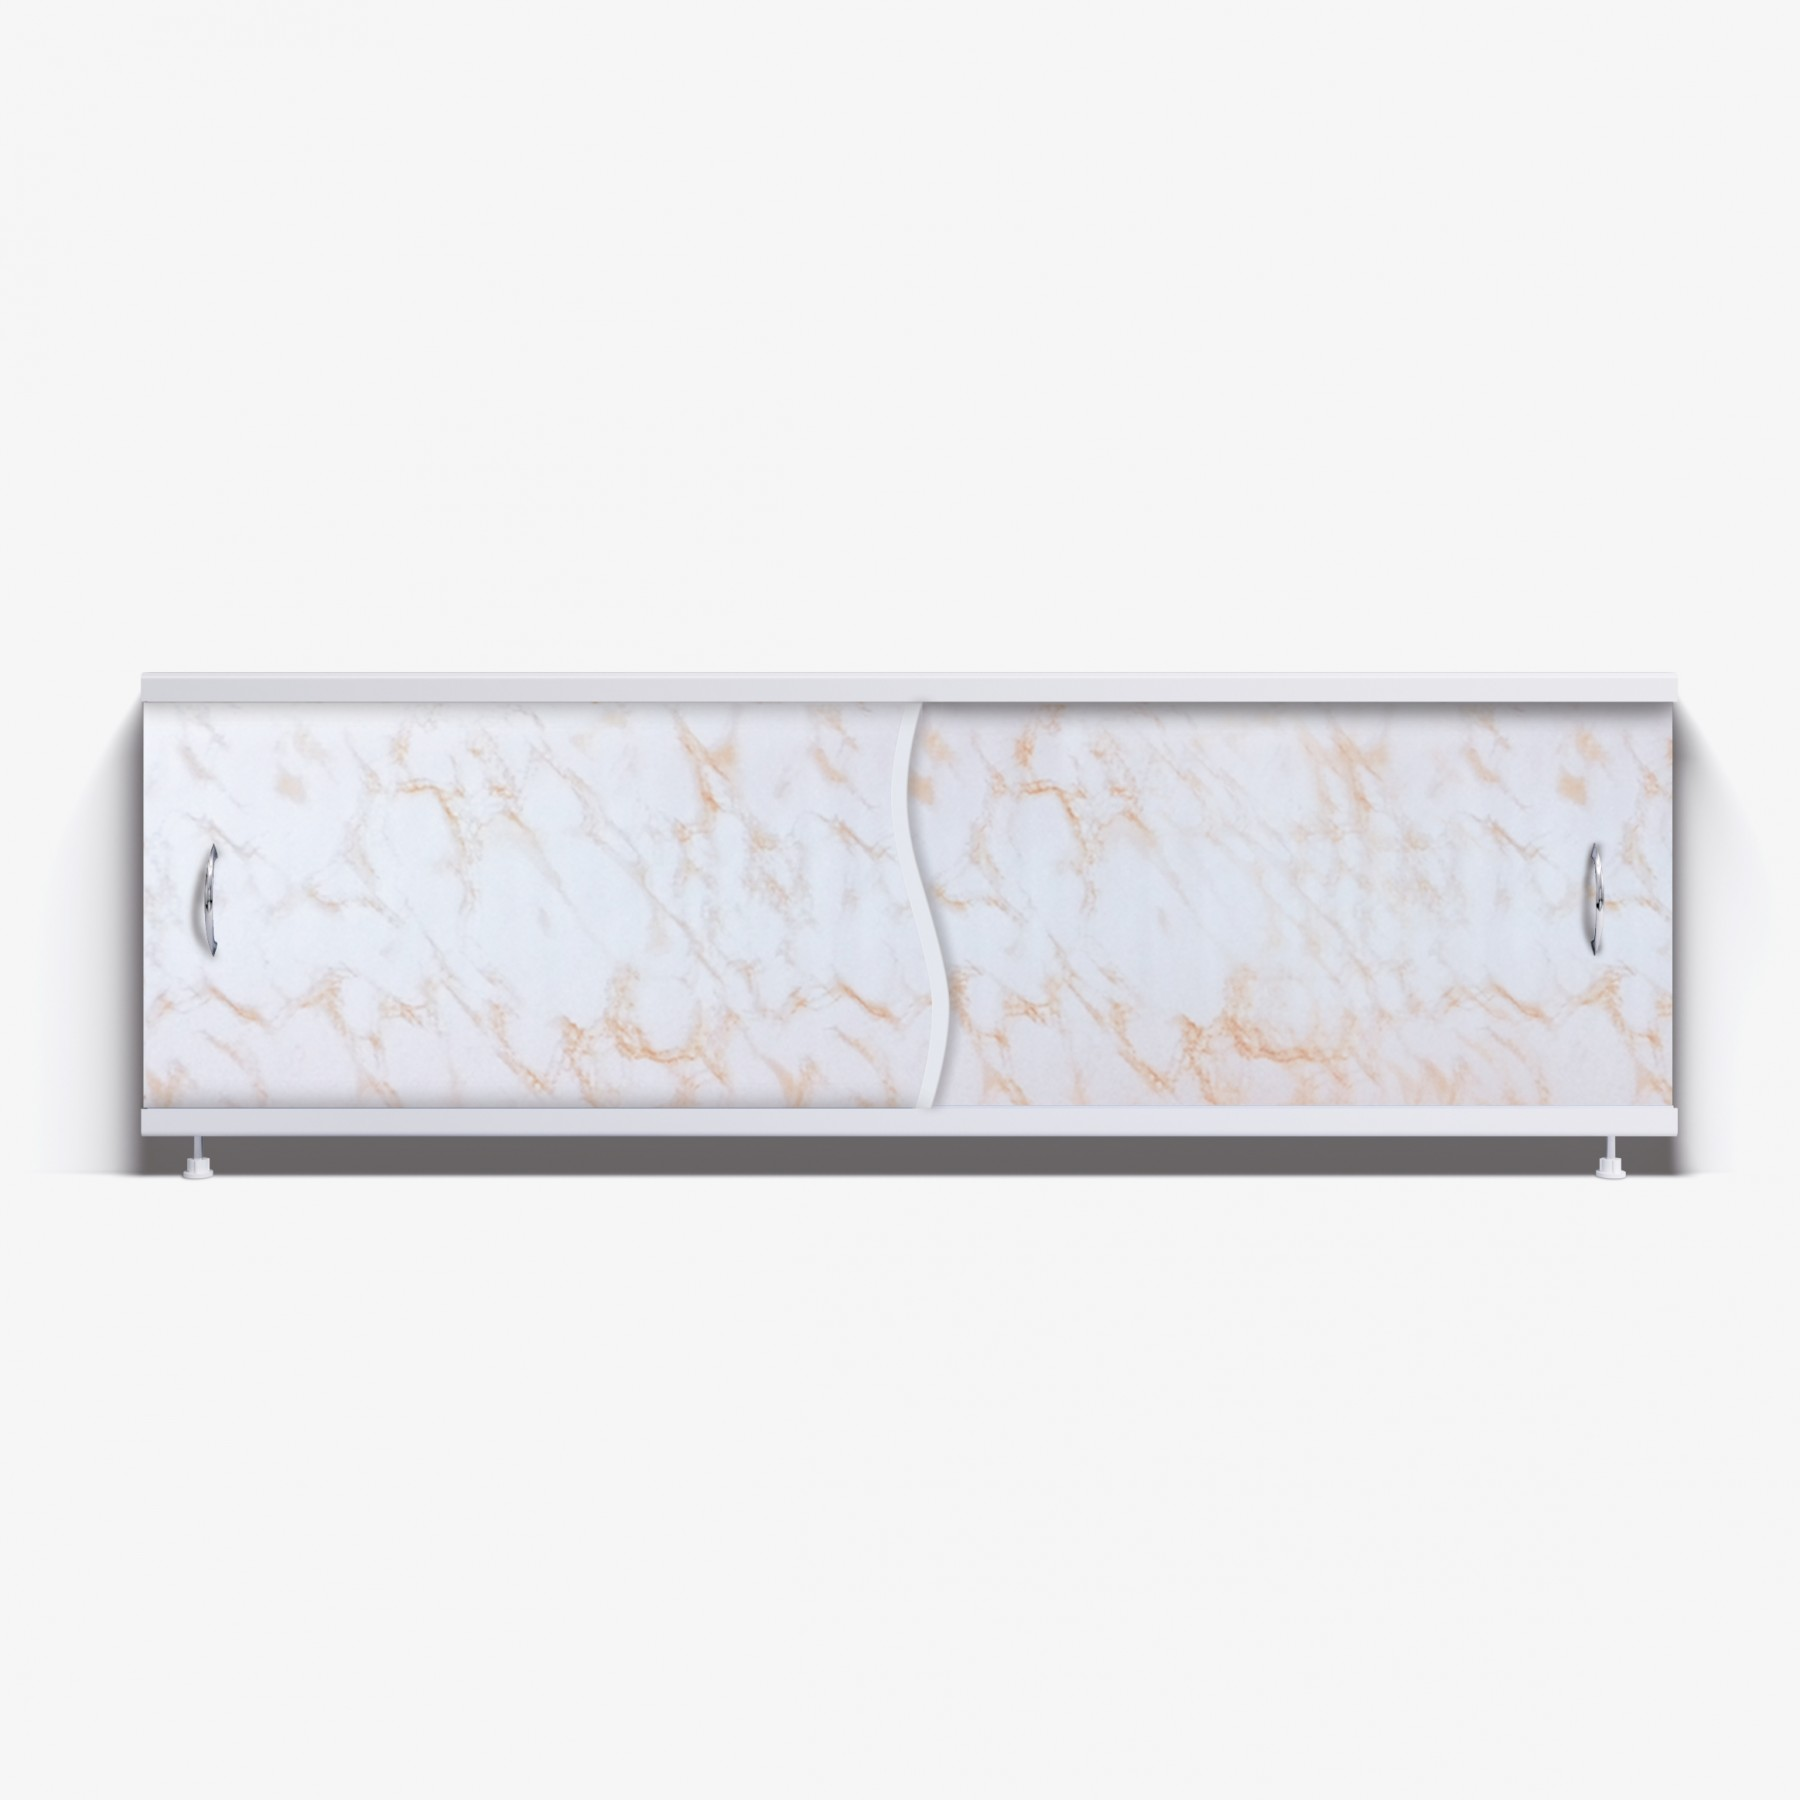 Экран под ванну Премьер 170 коричневый камень